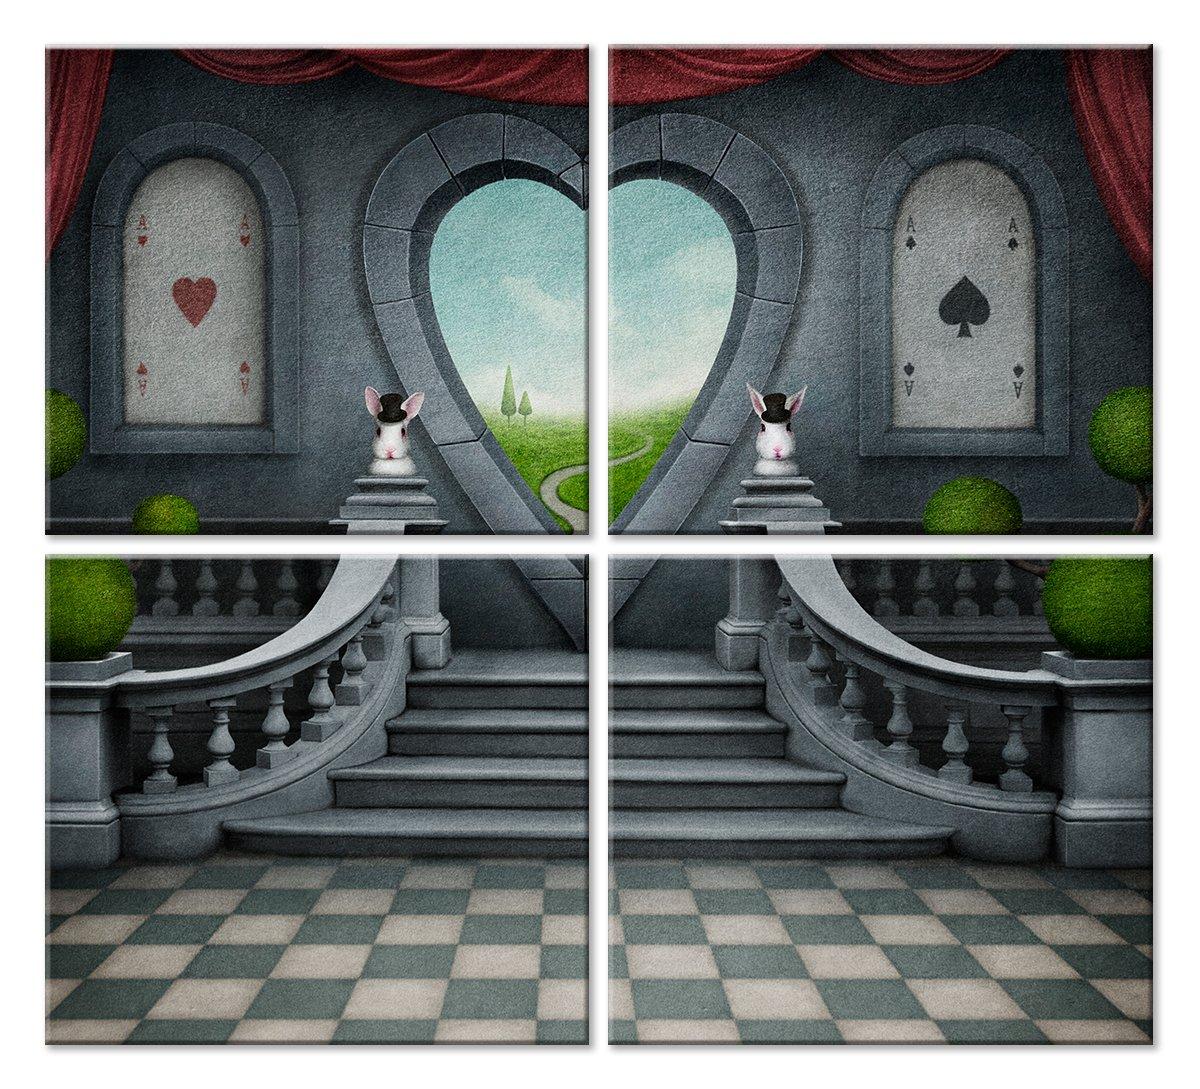 Модульная картина «Алиса в стране чудес»Детские<br>Модульная картина на натуральном холсте и деревянном подрамнике. Подвес в комплекте. Трехслойная надежная упаковка. Доставим в любую точку России. Вам осталось только повесить картину на стену!<br>